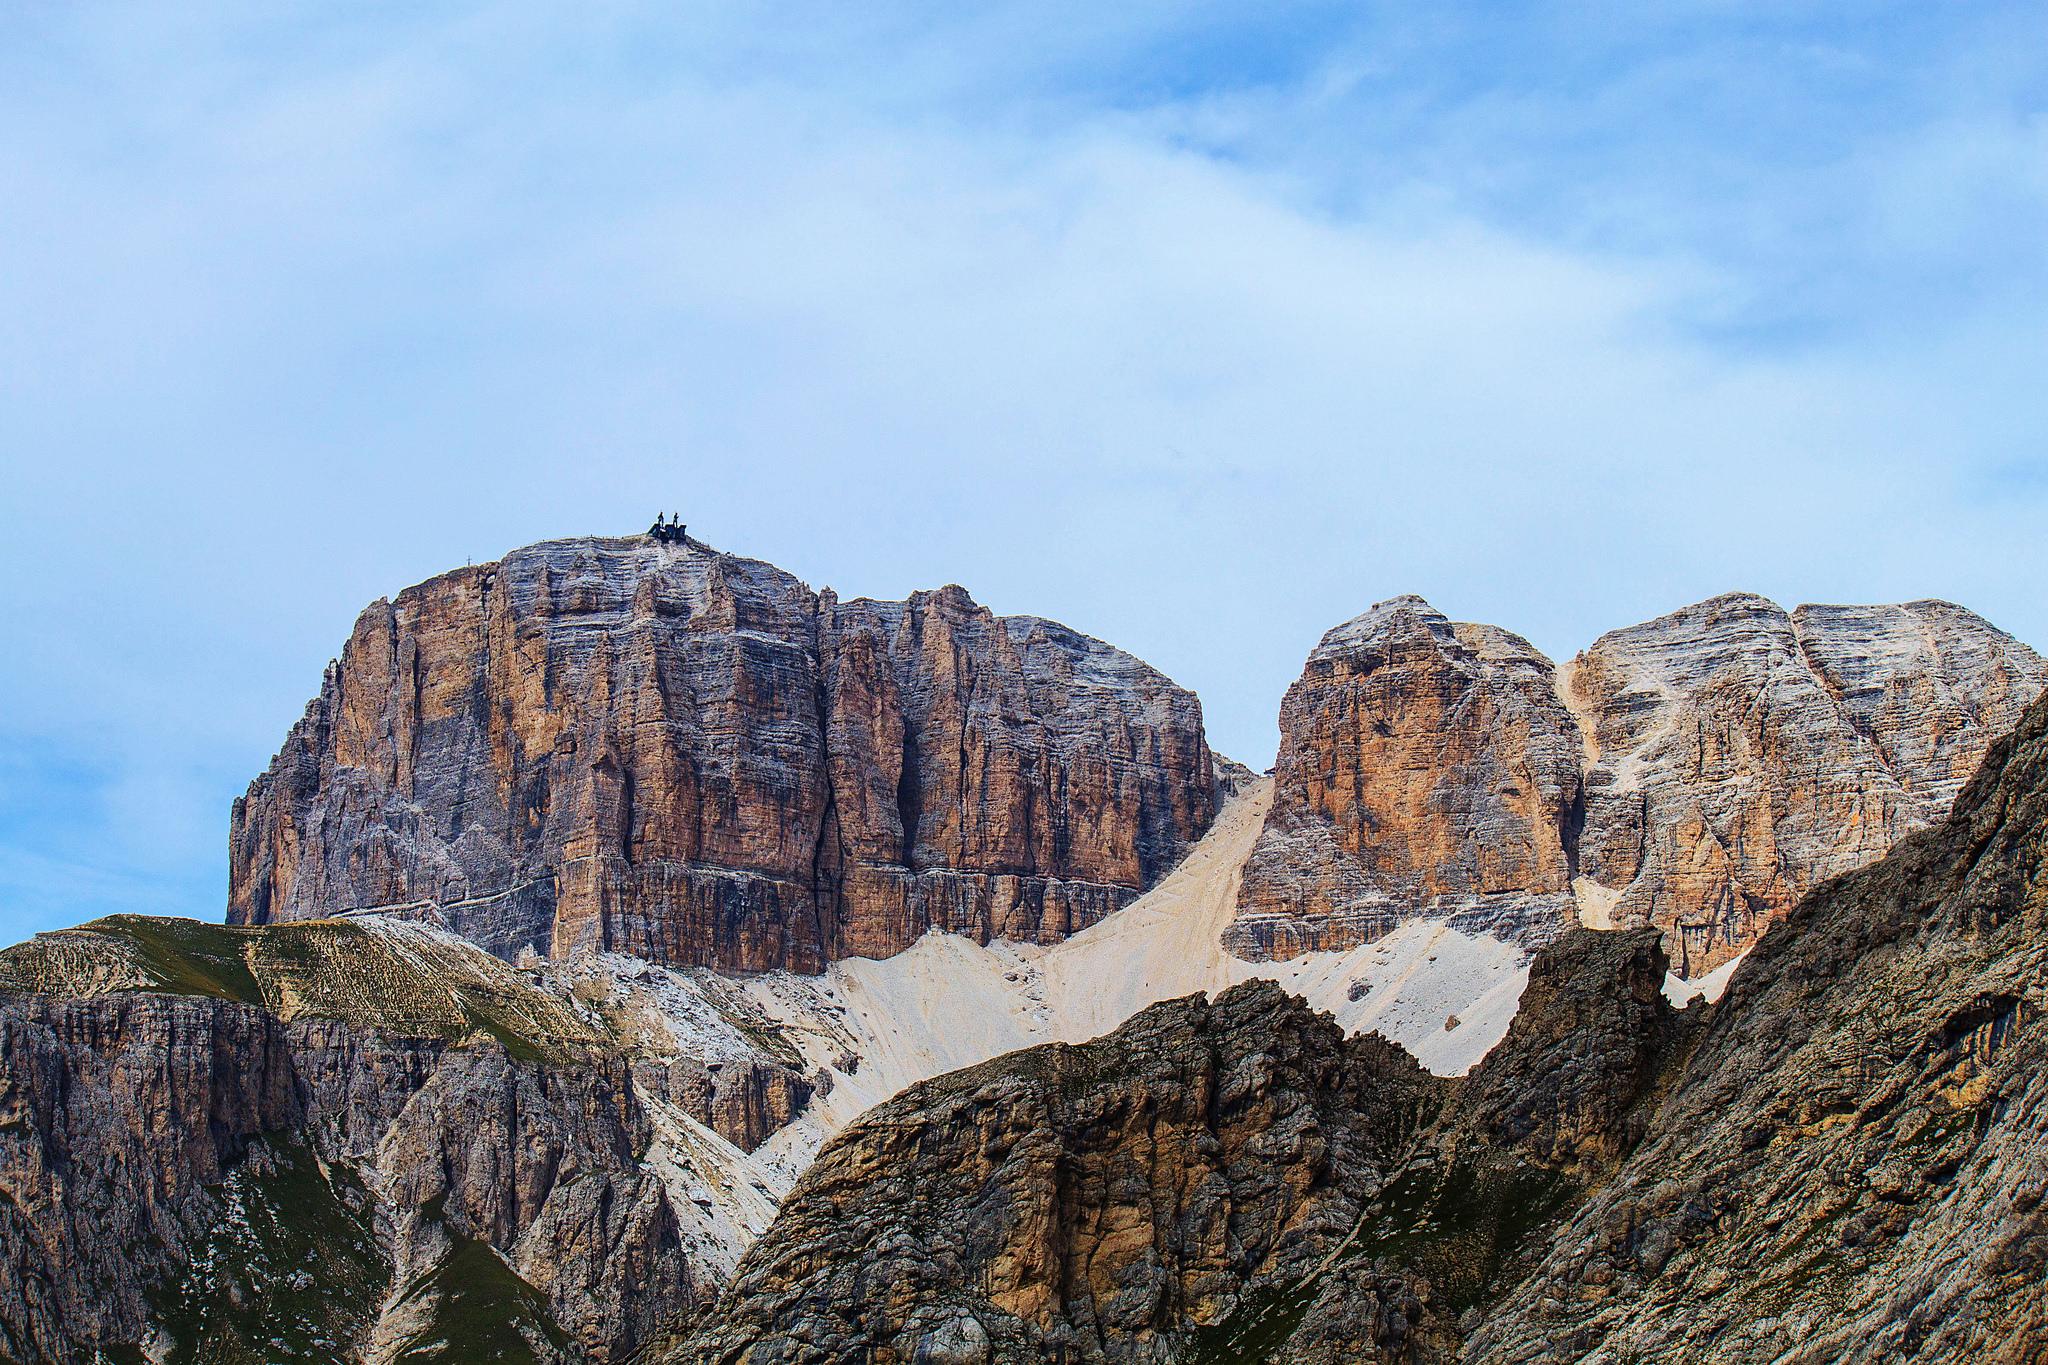 Grandes montañas - 2048x1365